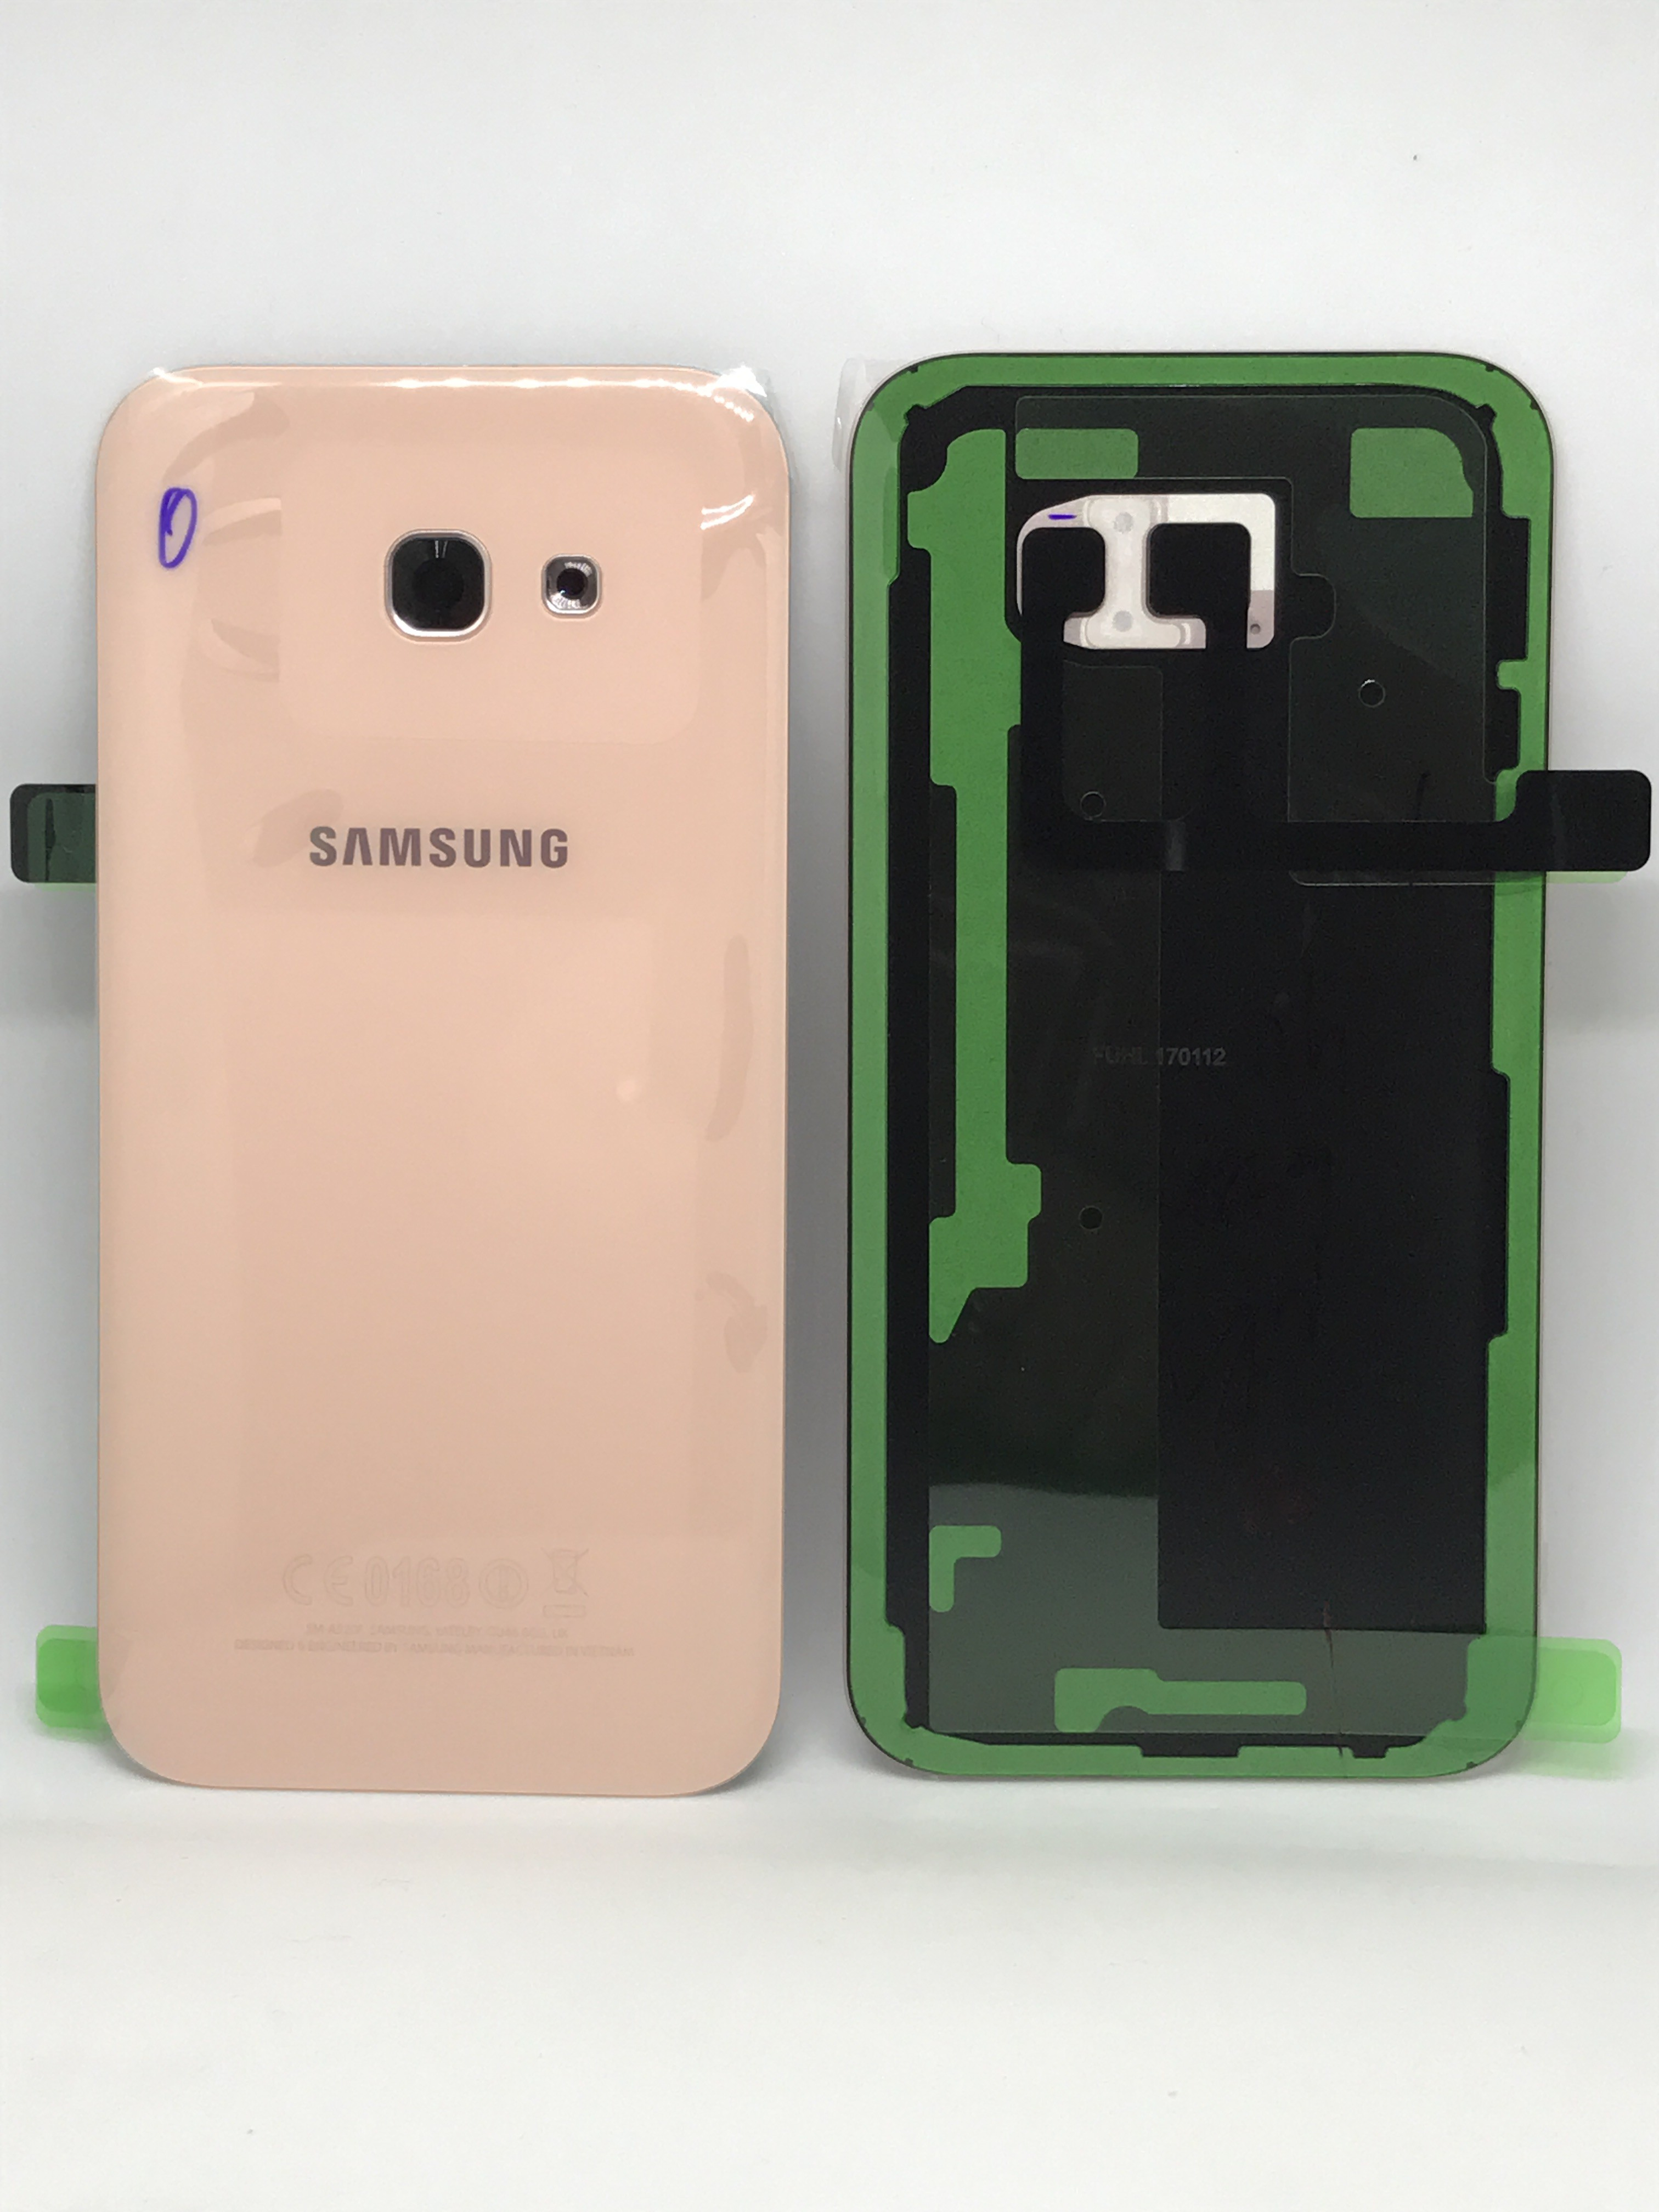 Capac baterie Samsung galaxy A5 2017 A520f Pink Roz GH82-13638D 0